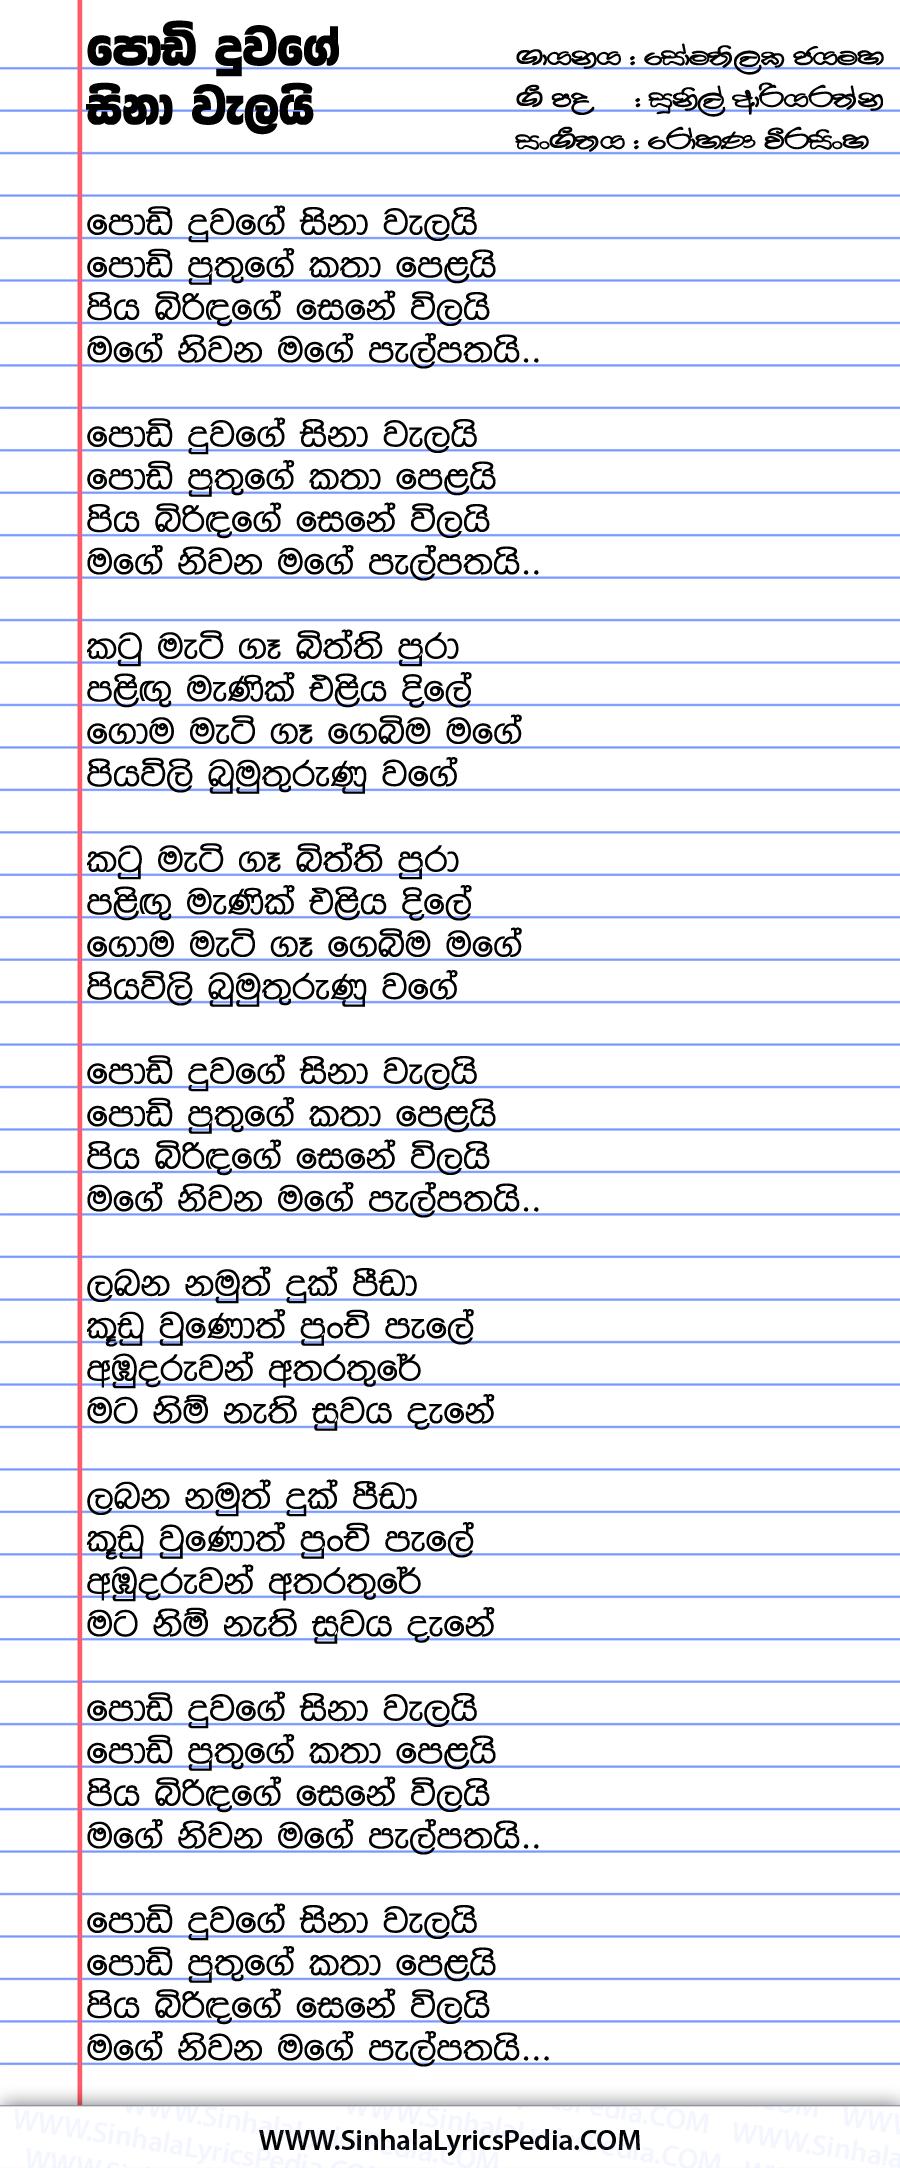 Podi Duwage Sina Walai Song Lyrics